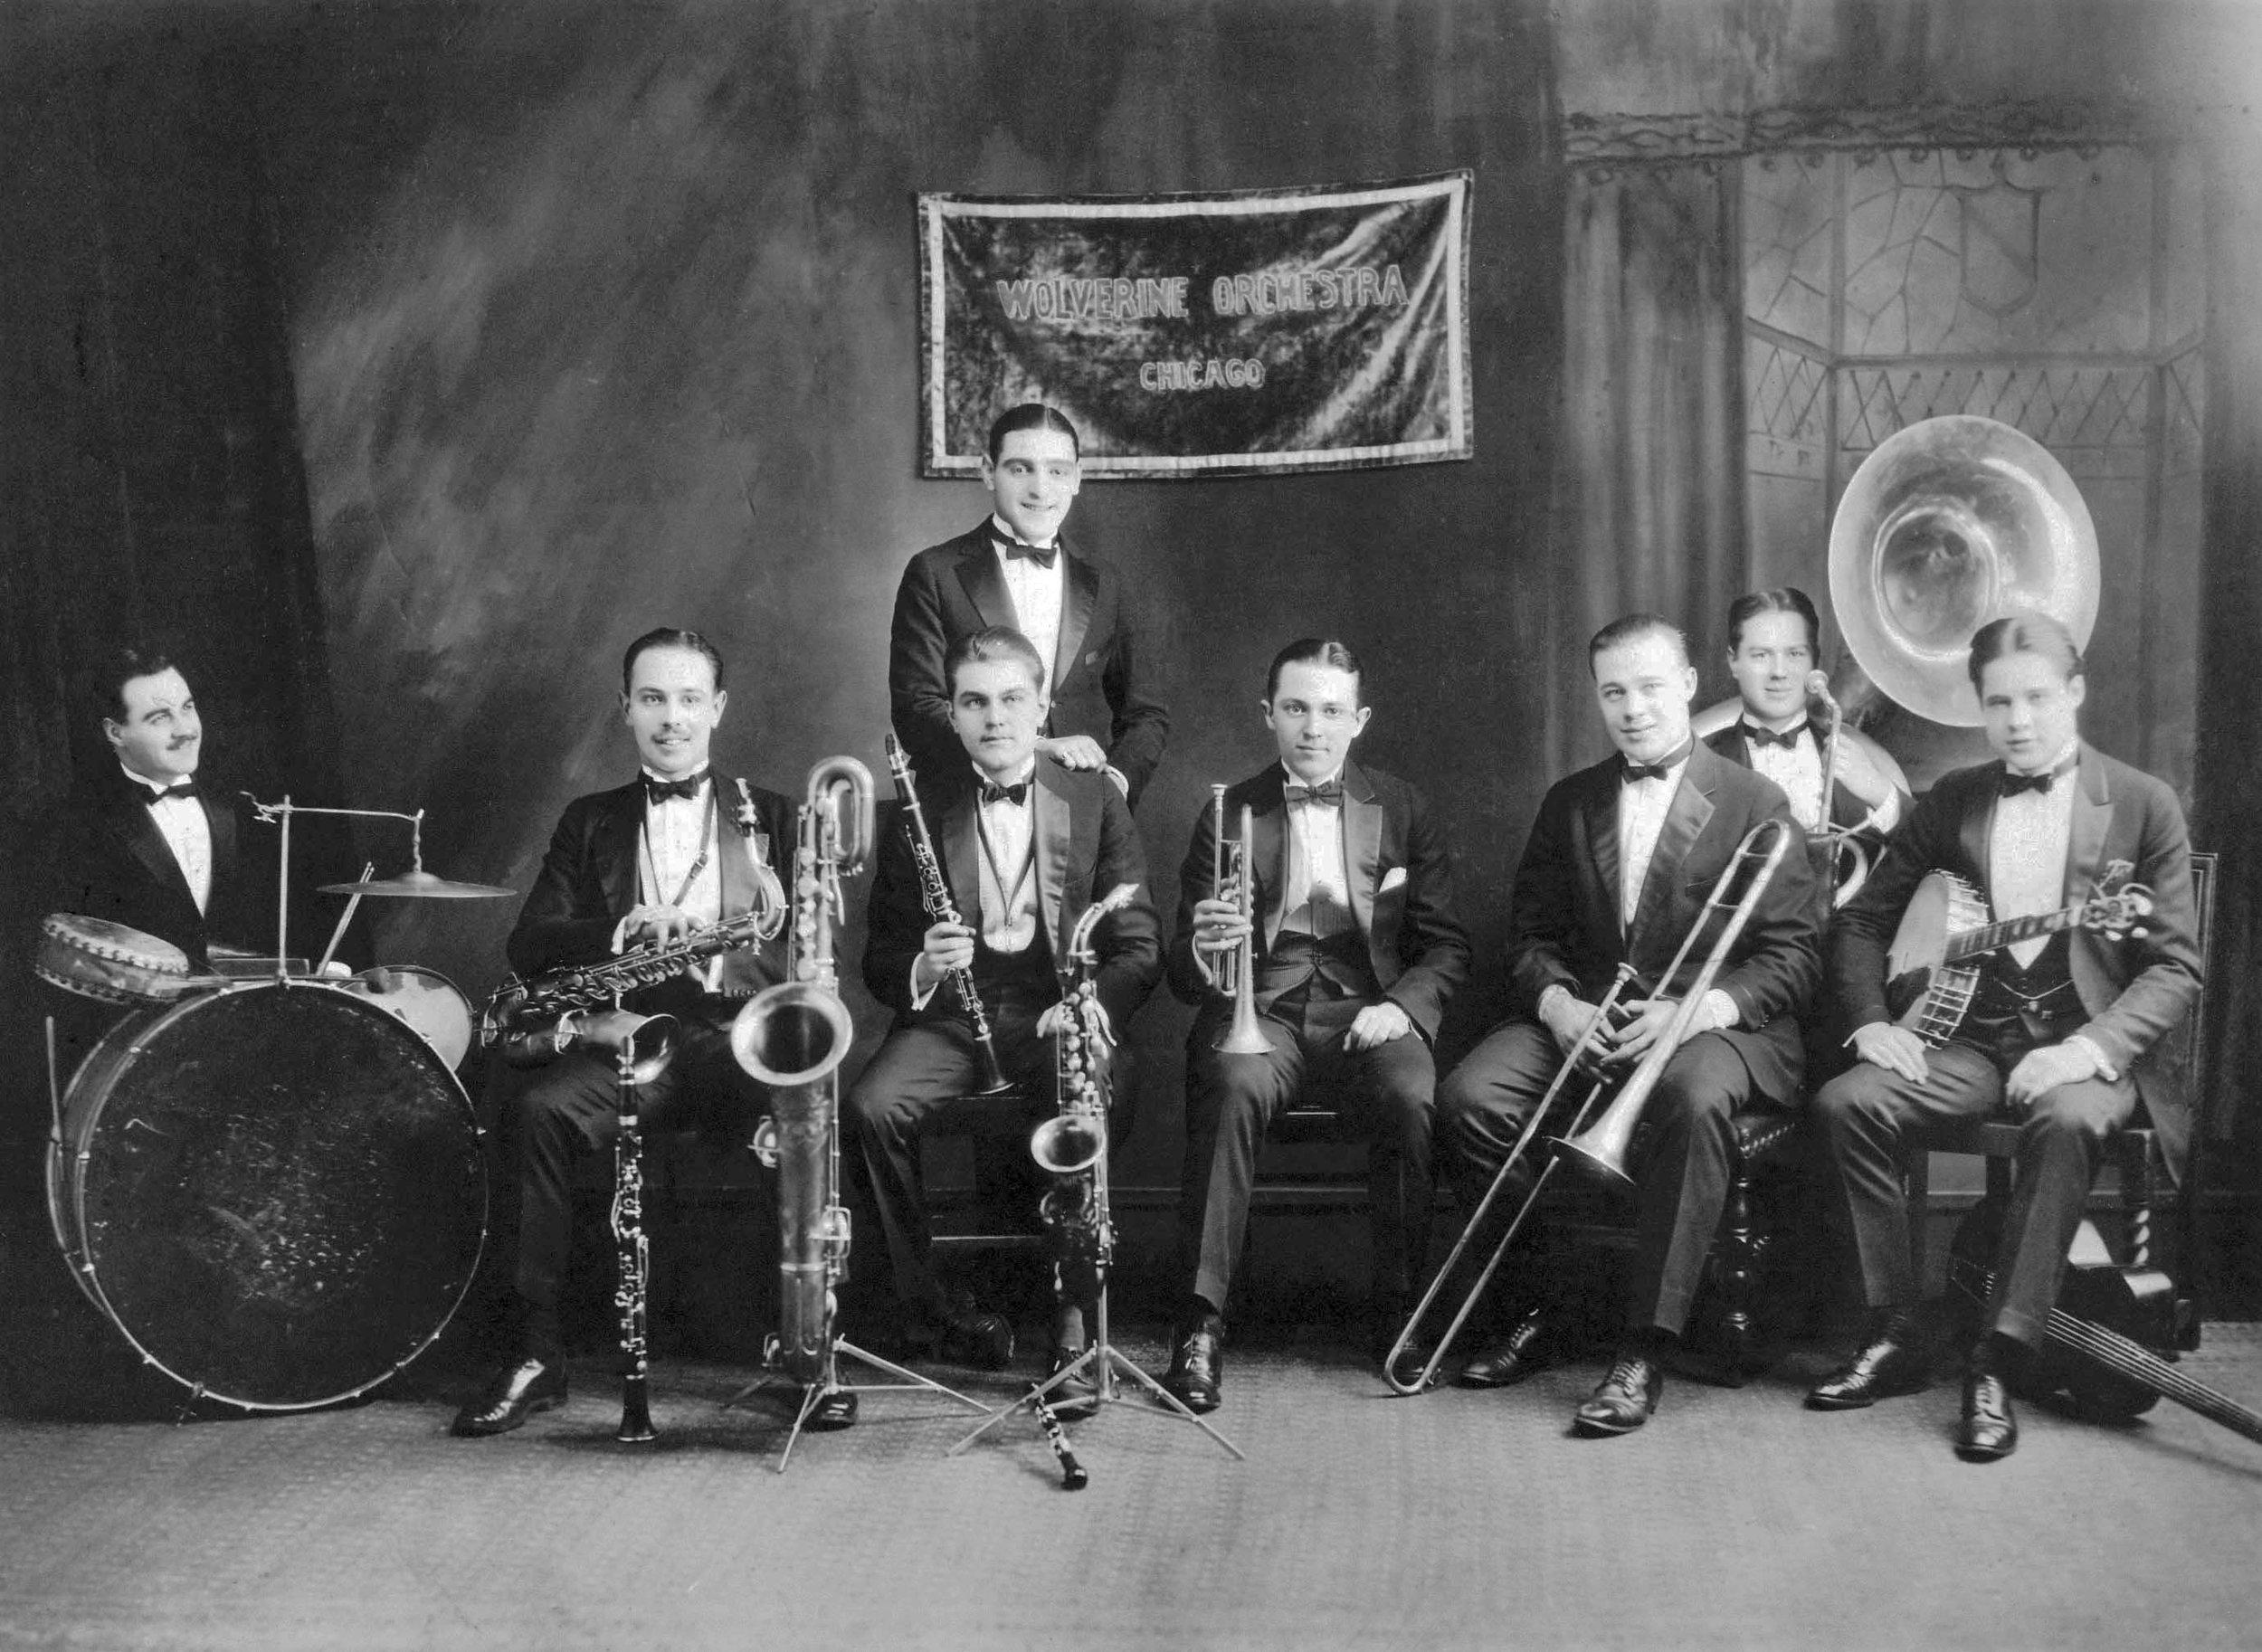 Wolverine_orchestra_1924.jpg